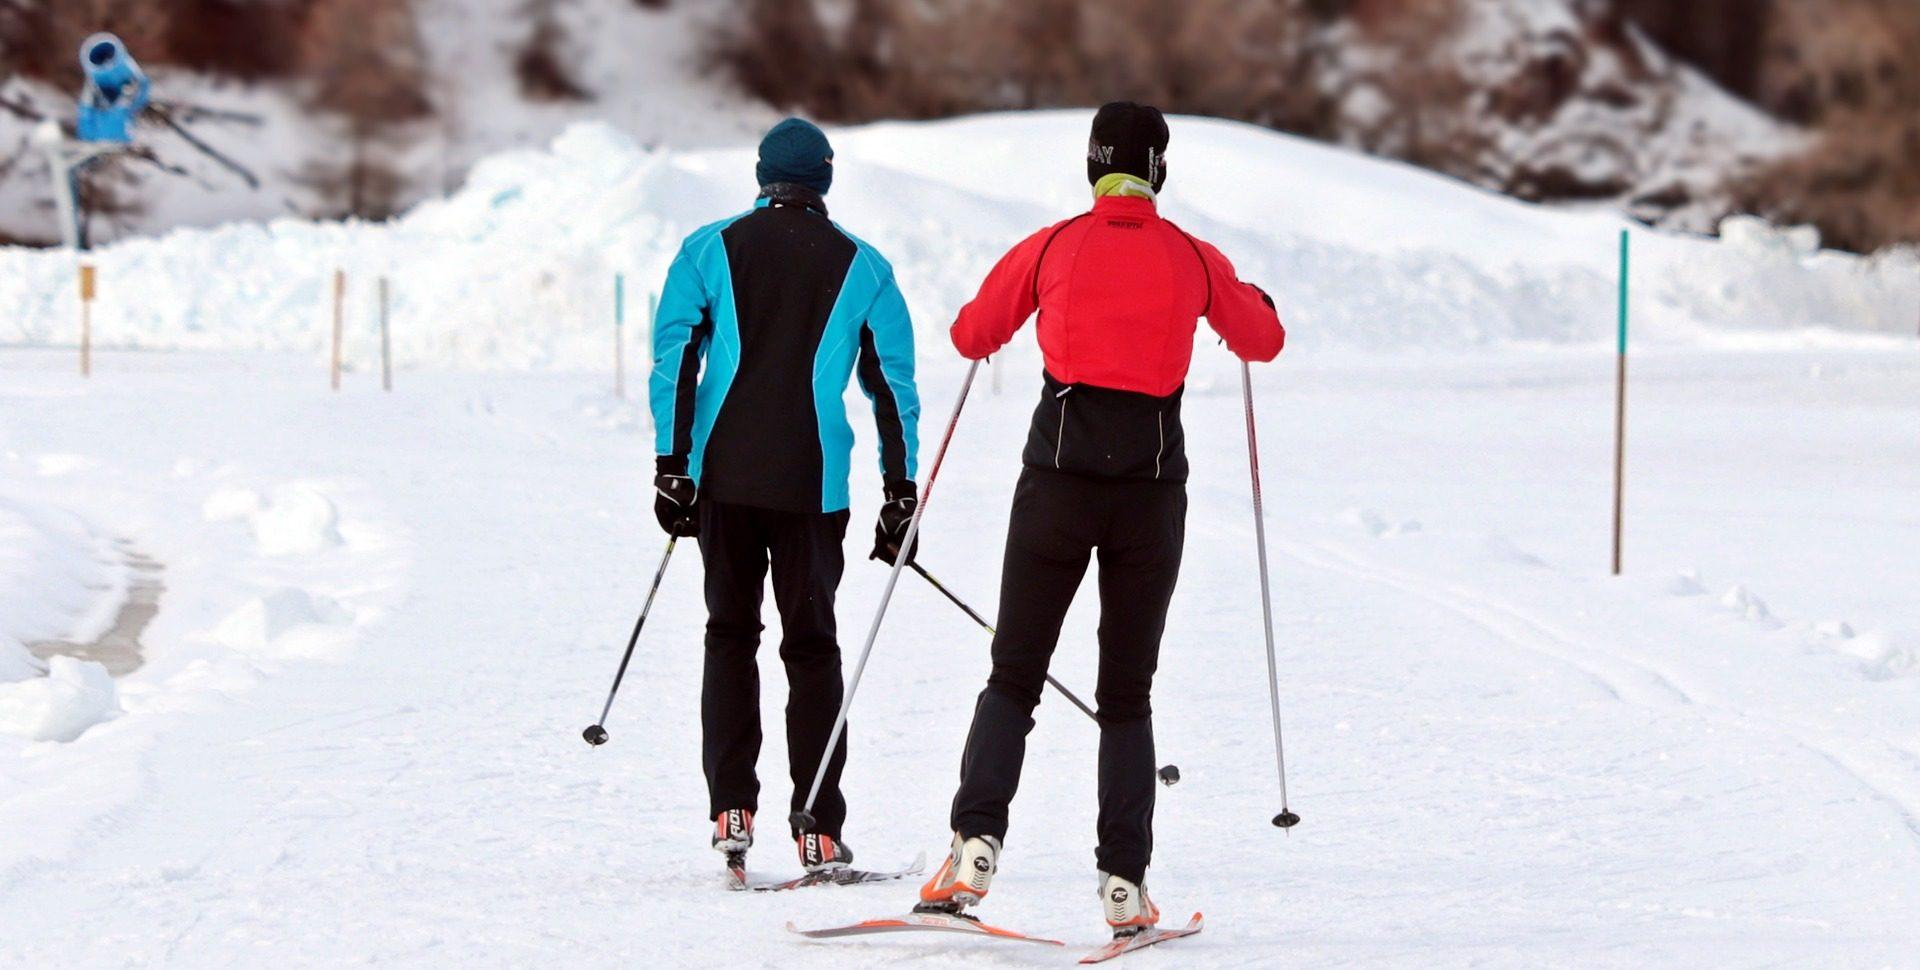 Günstig Winterurlaub in Schöneck ab 39,00€ - Skiurlaub günstig buchen 1